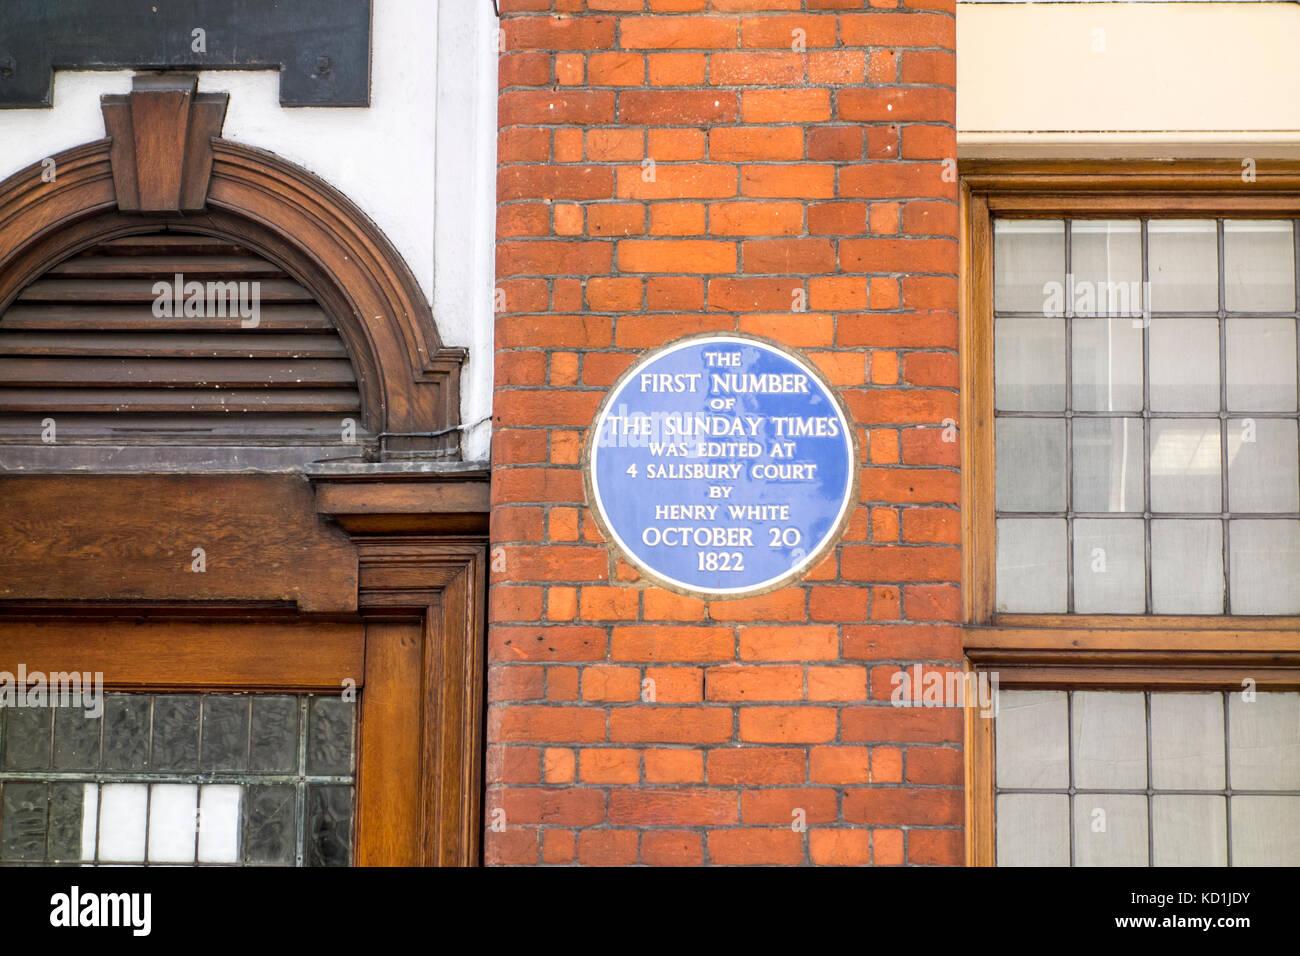 Blaue Plakette außerhalb Greenwood House, Salisbury Court, London City, Standort erste Sonntag Zeiten waren von Stockfoto